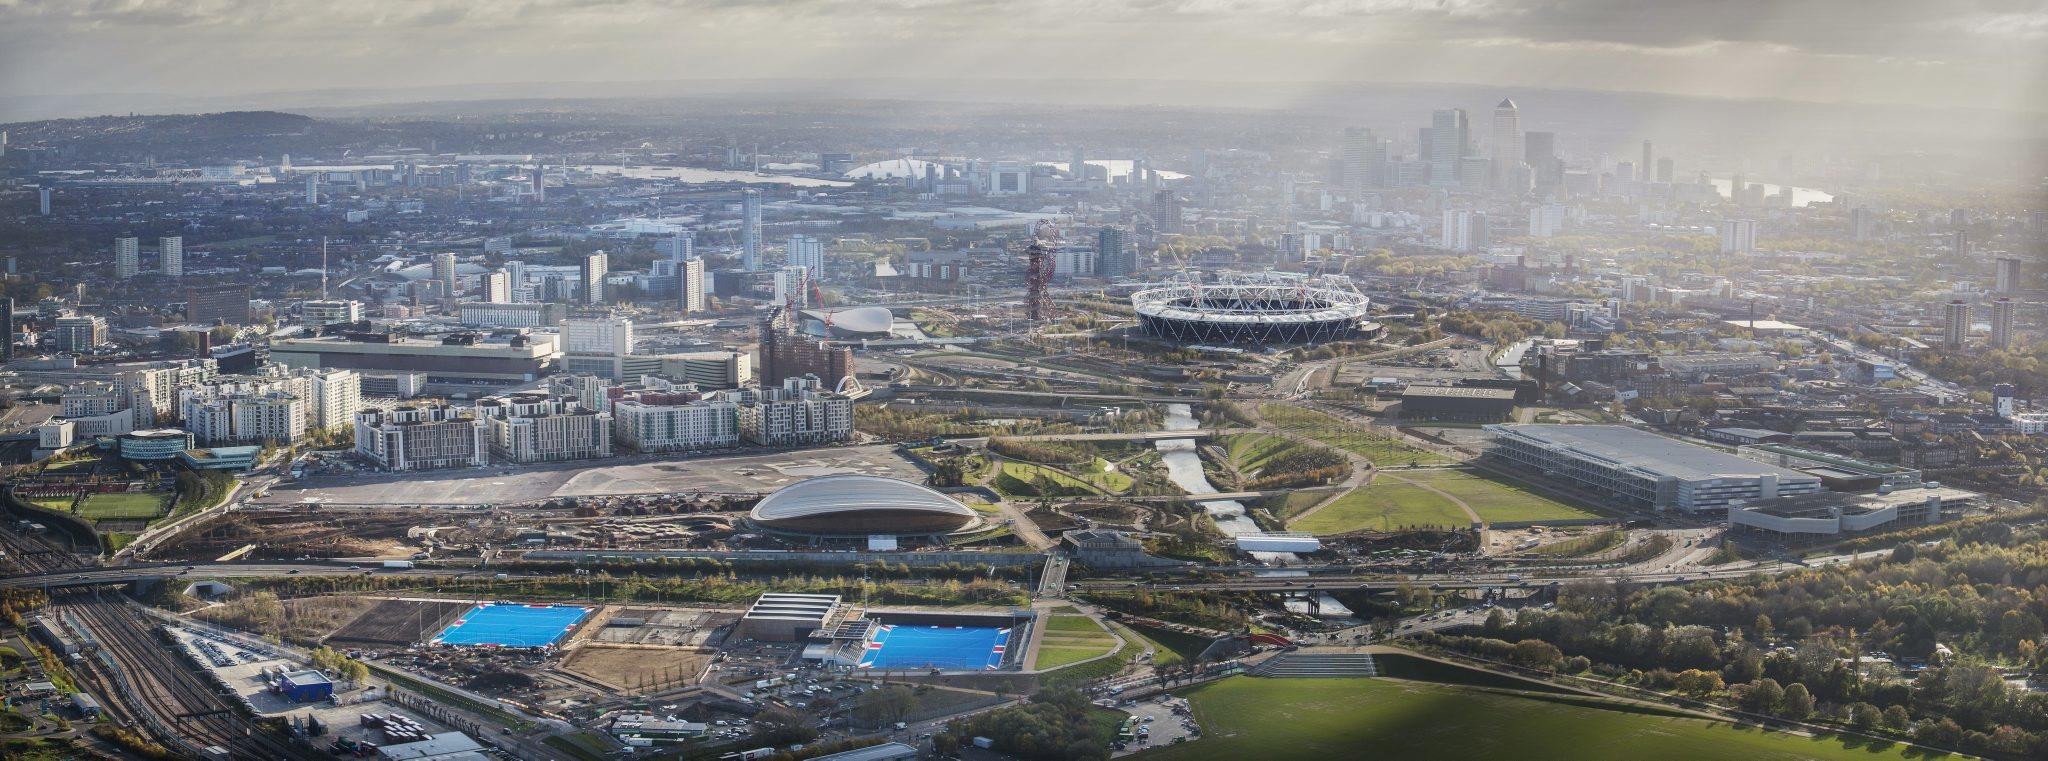 Queen Elizabeth Olympic Park Opening